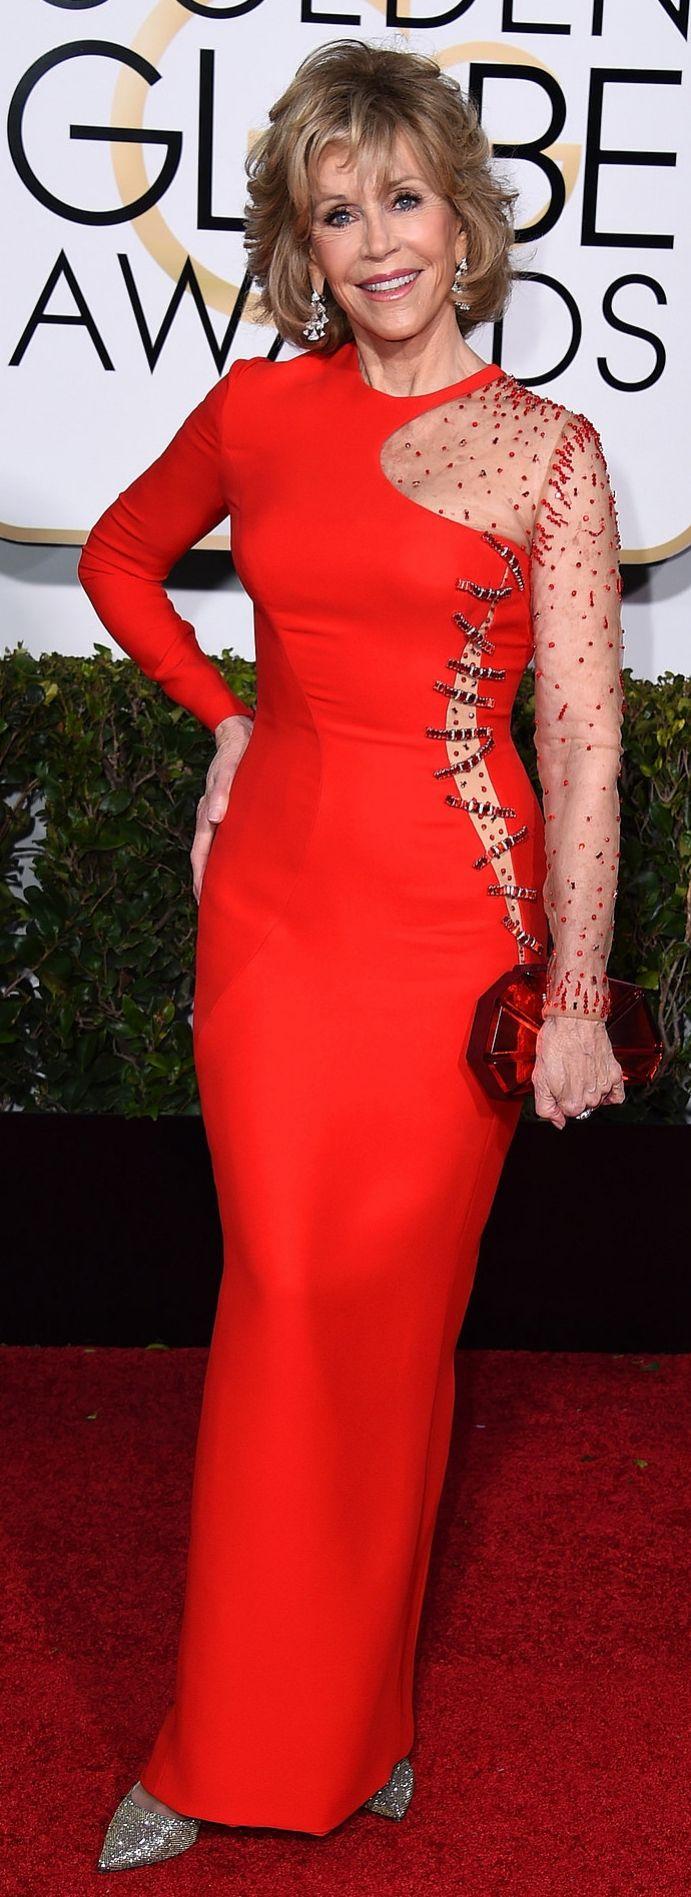 Red Dresses at the Golden Globes 2015 | POPSUGAR Fashion